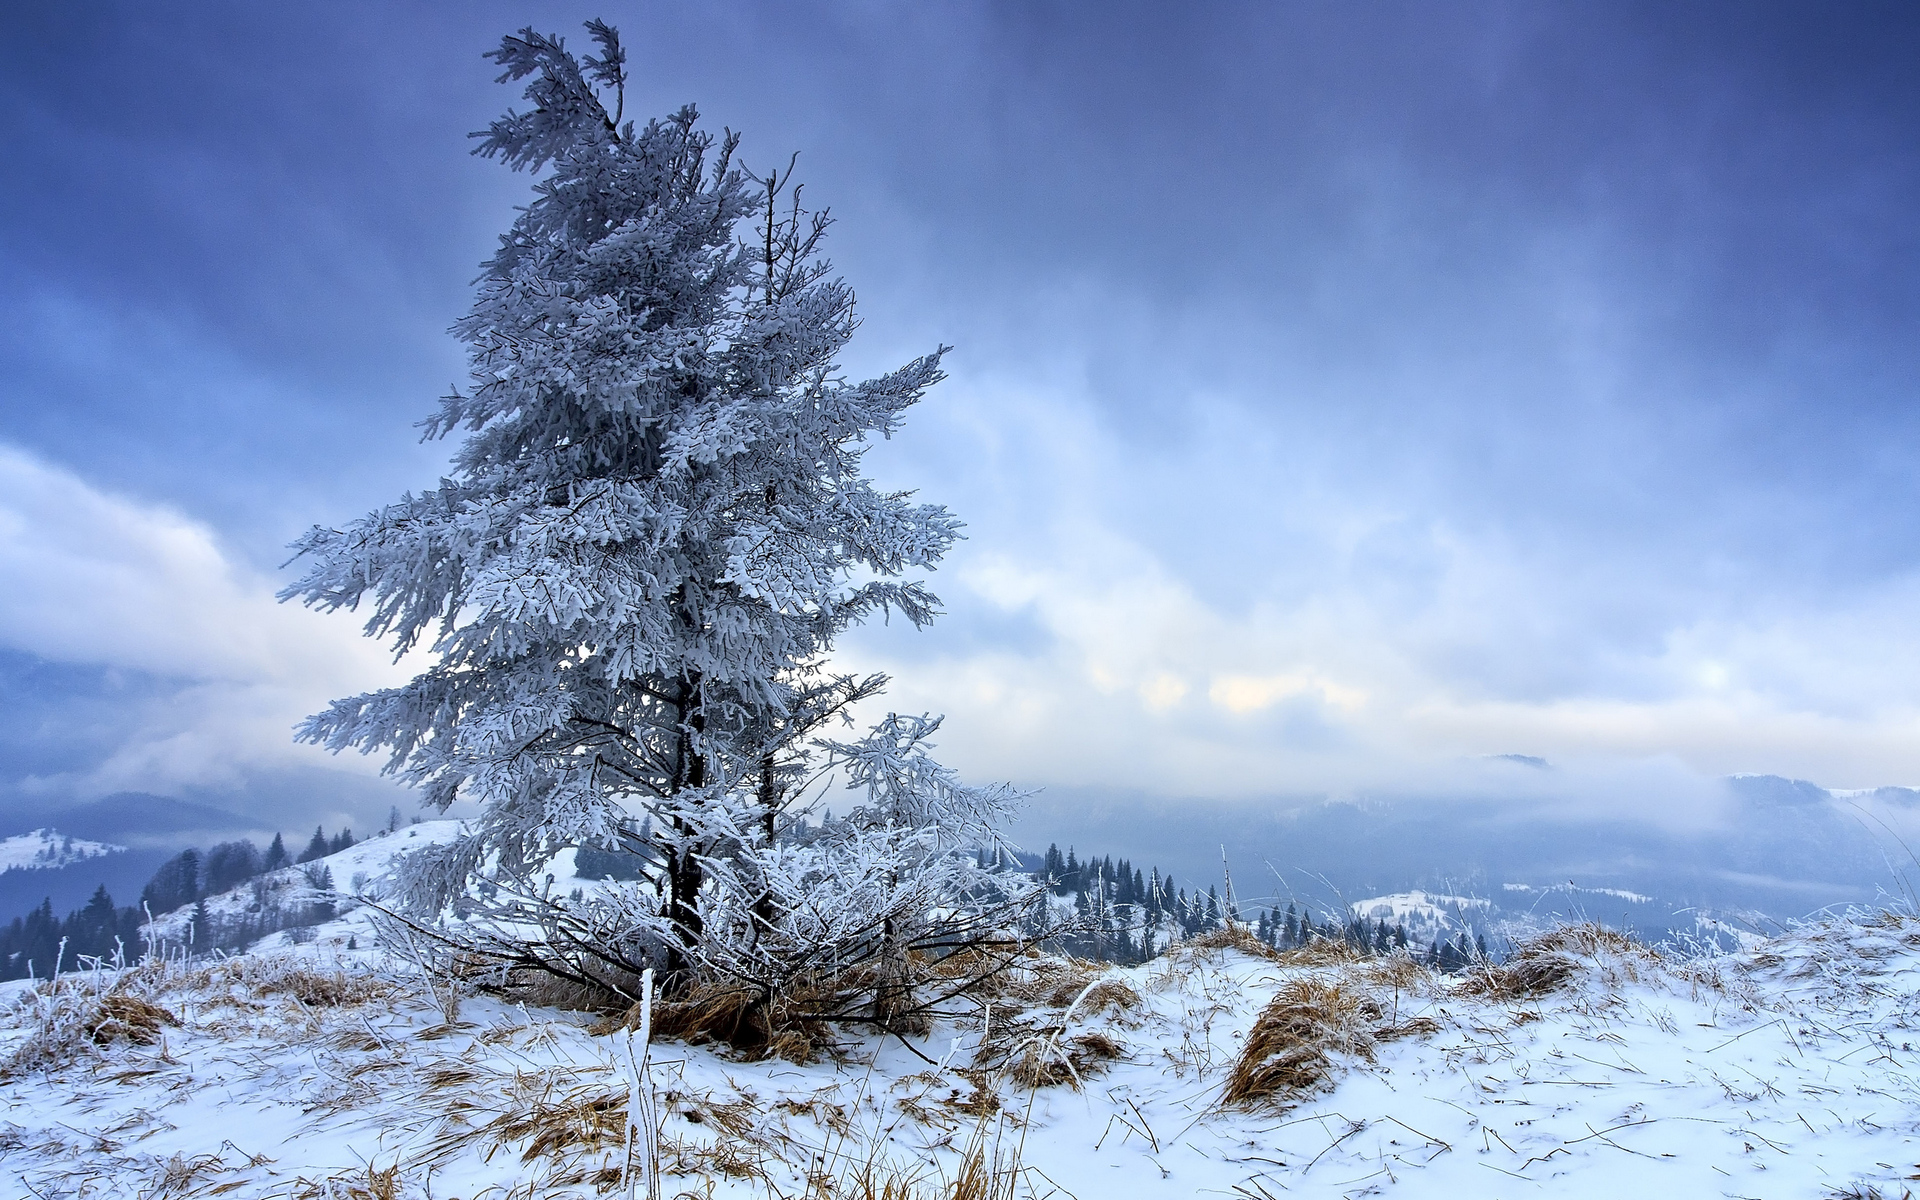 природа деревья ели зима снег небо  № 2803269 бесплатно